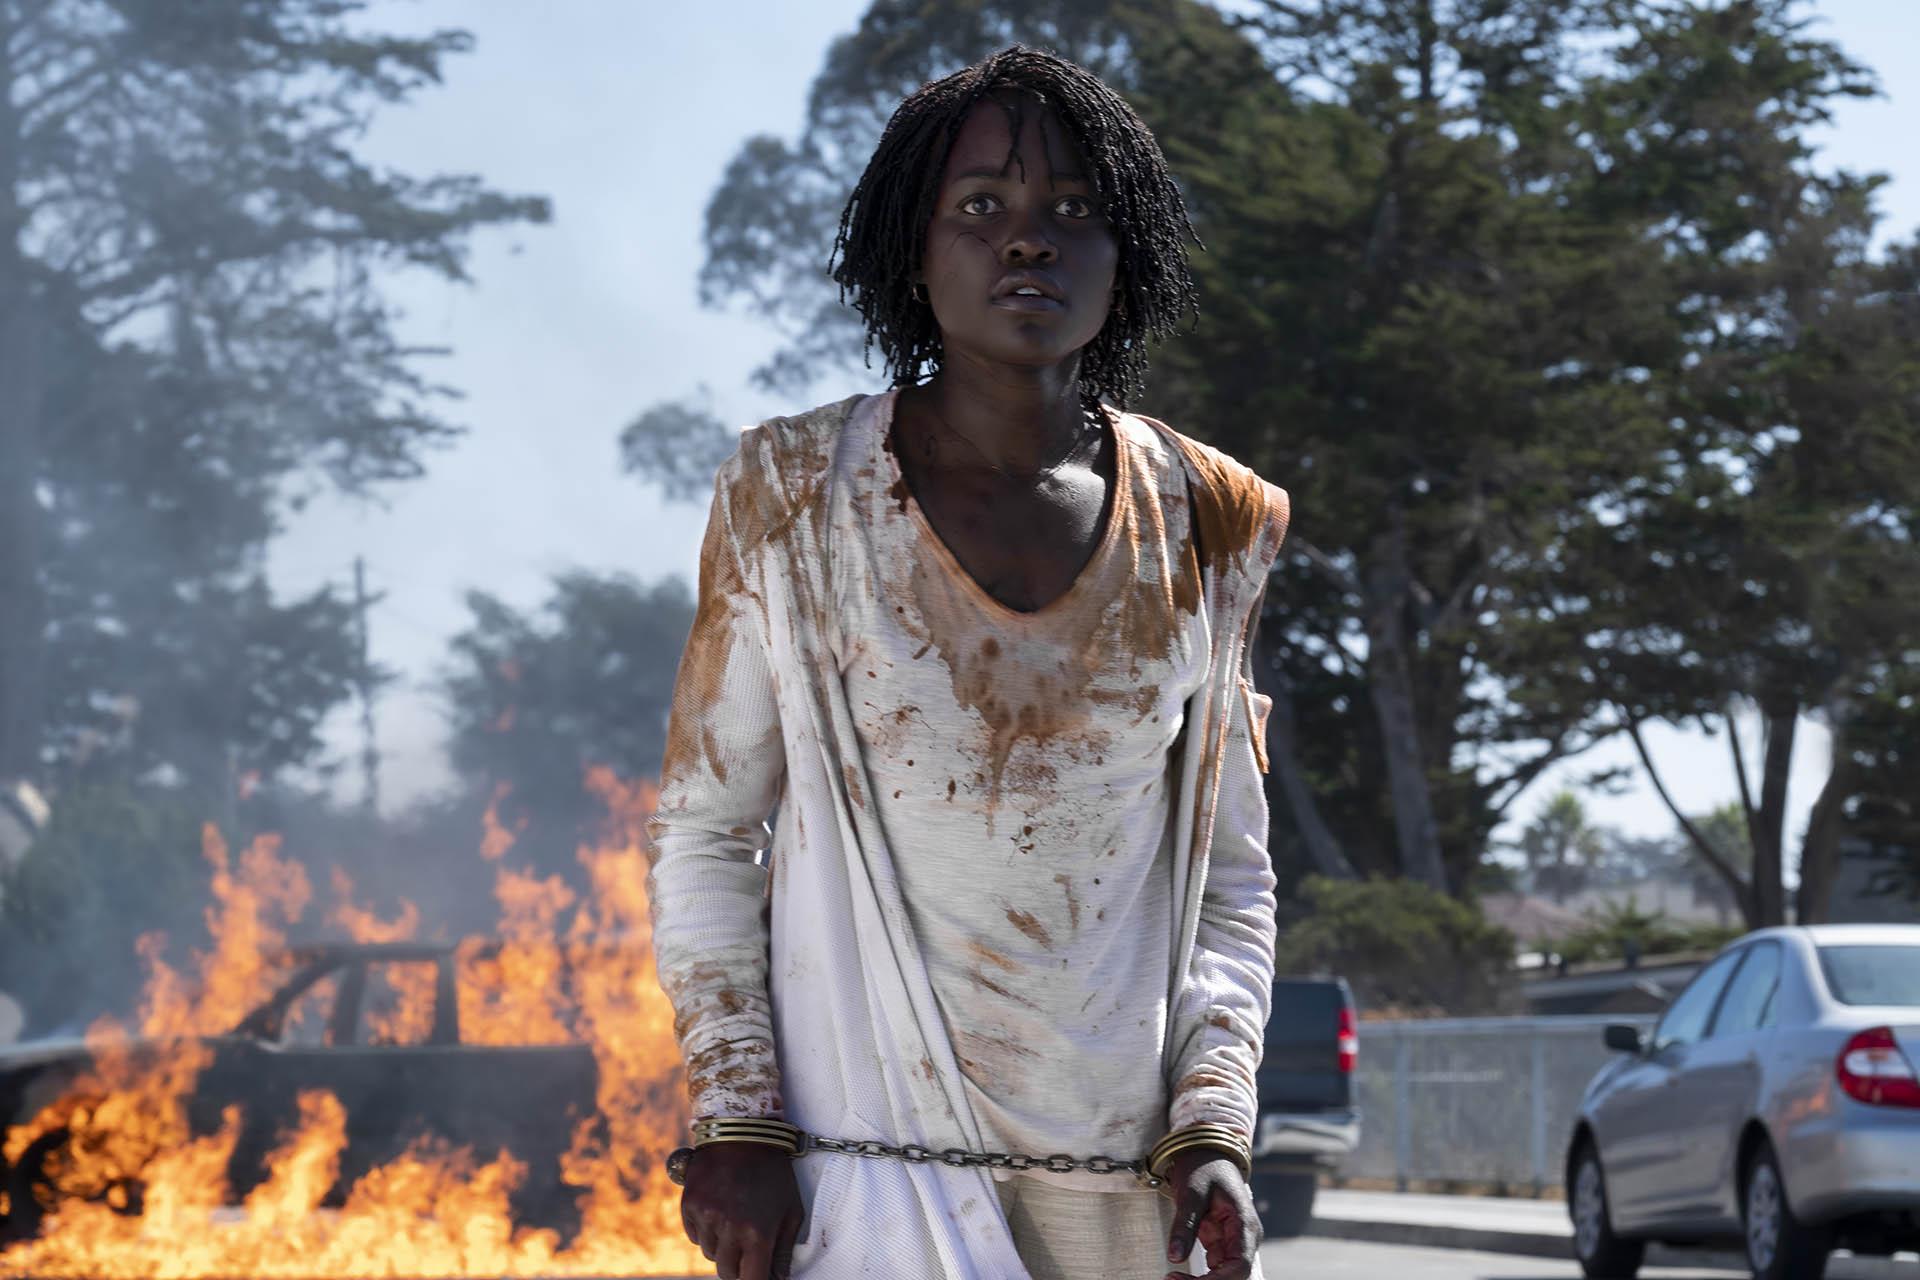 Noi, la protagonista Lupita Nyong'o in una scena del film